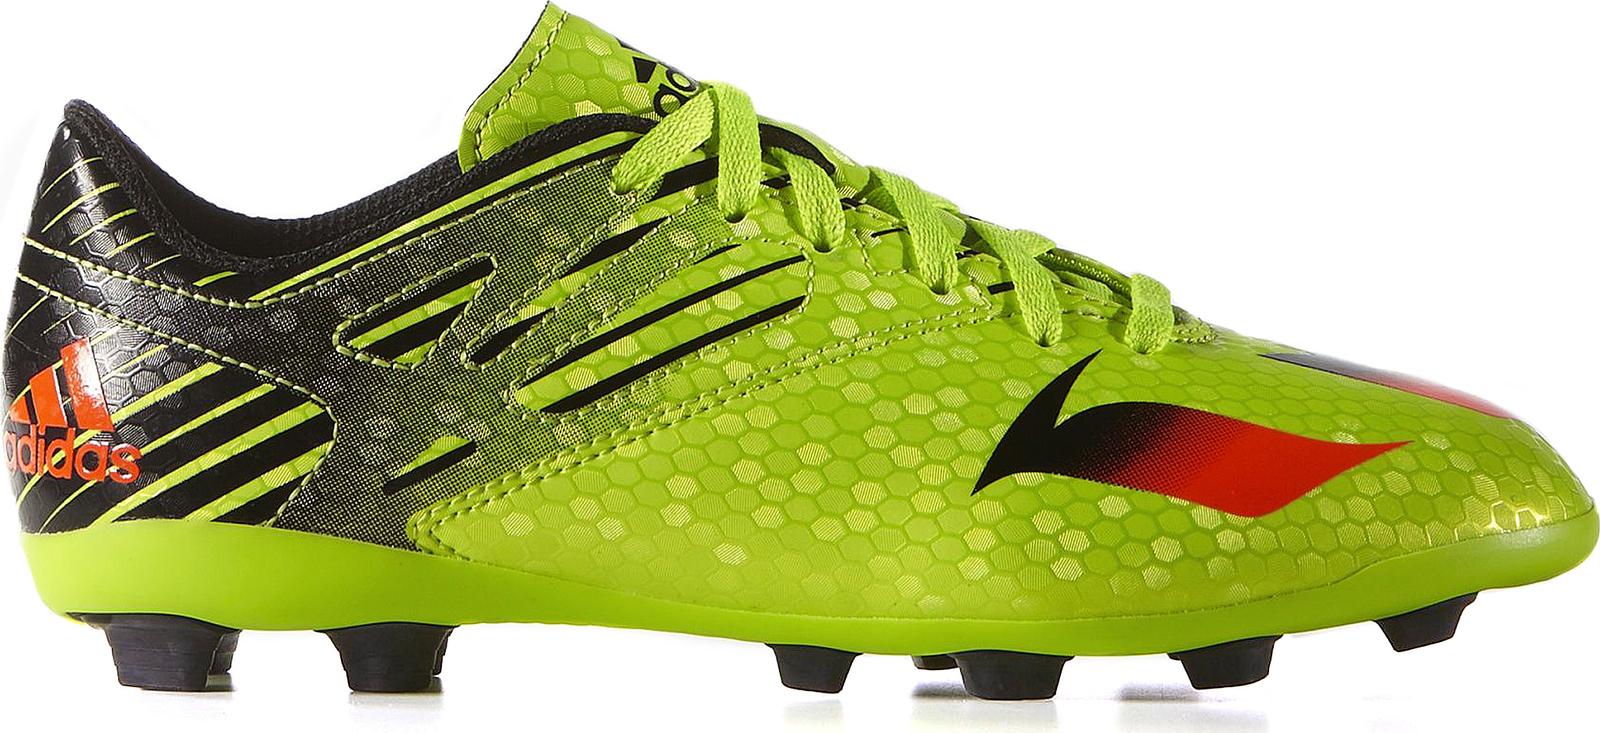 Προσθήκη στα αγαπημένα menu Adidas Messi 15.4 Fxg J S74699 fccb978f5b68e